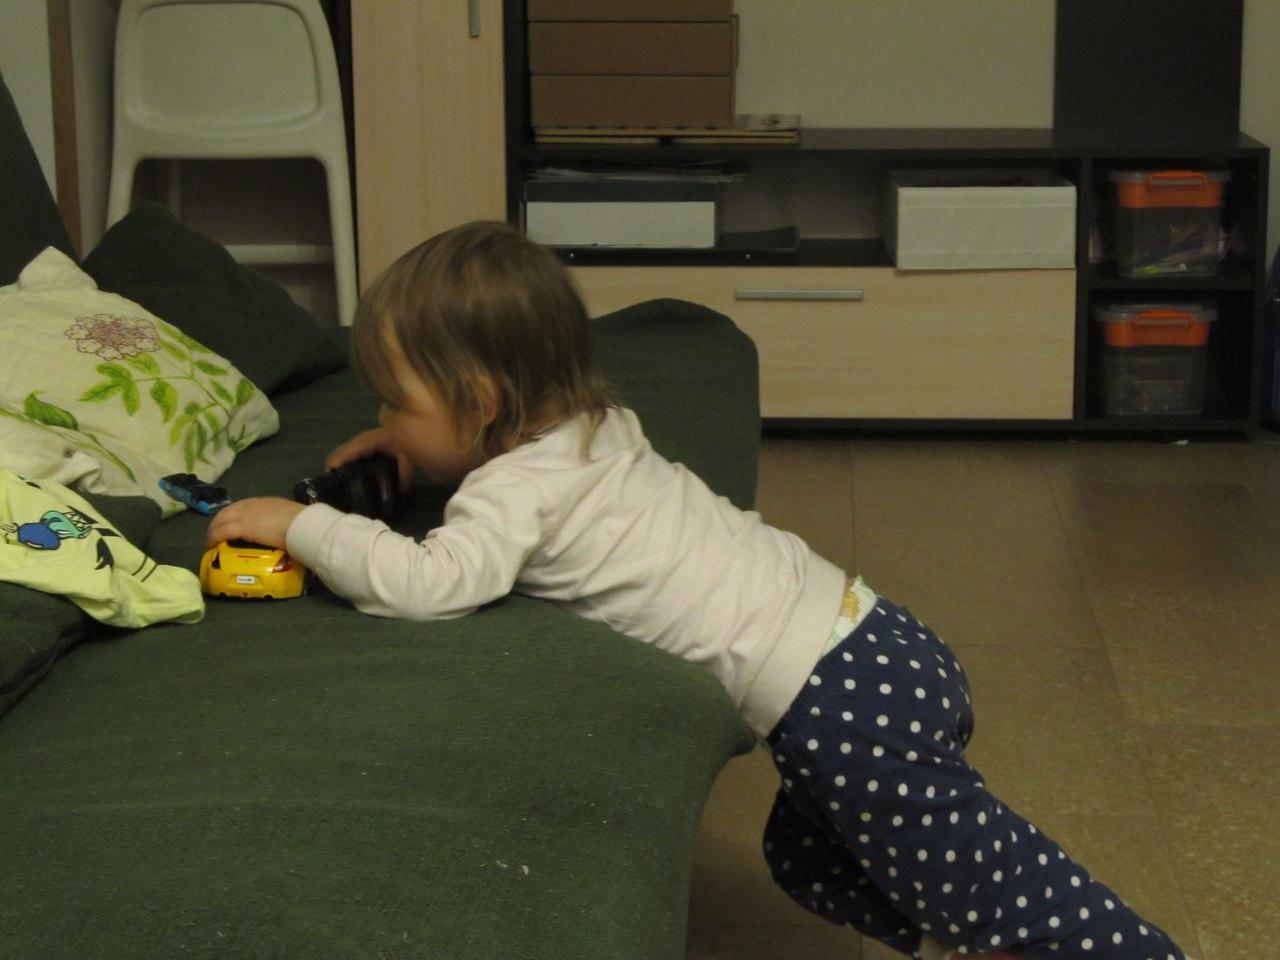 один будний день многодетного семейства, фото 33